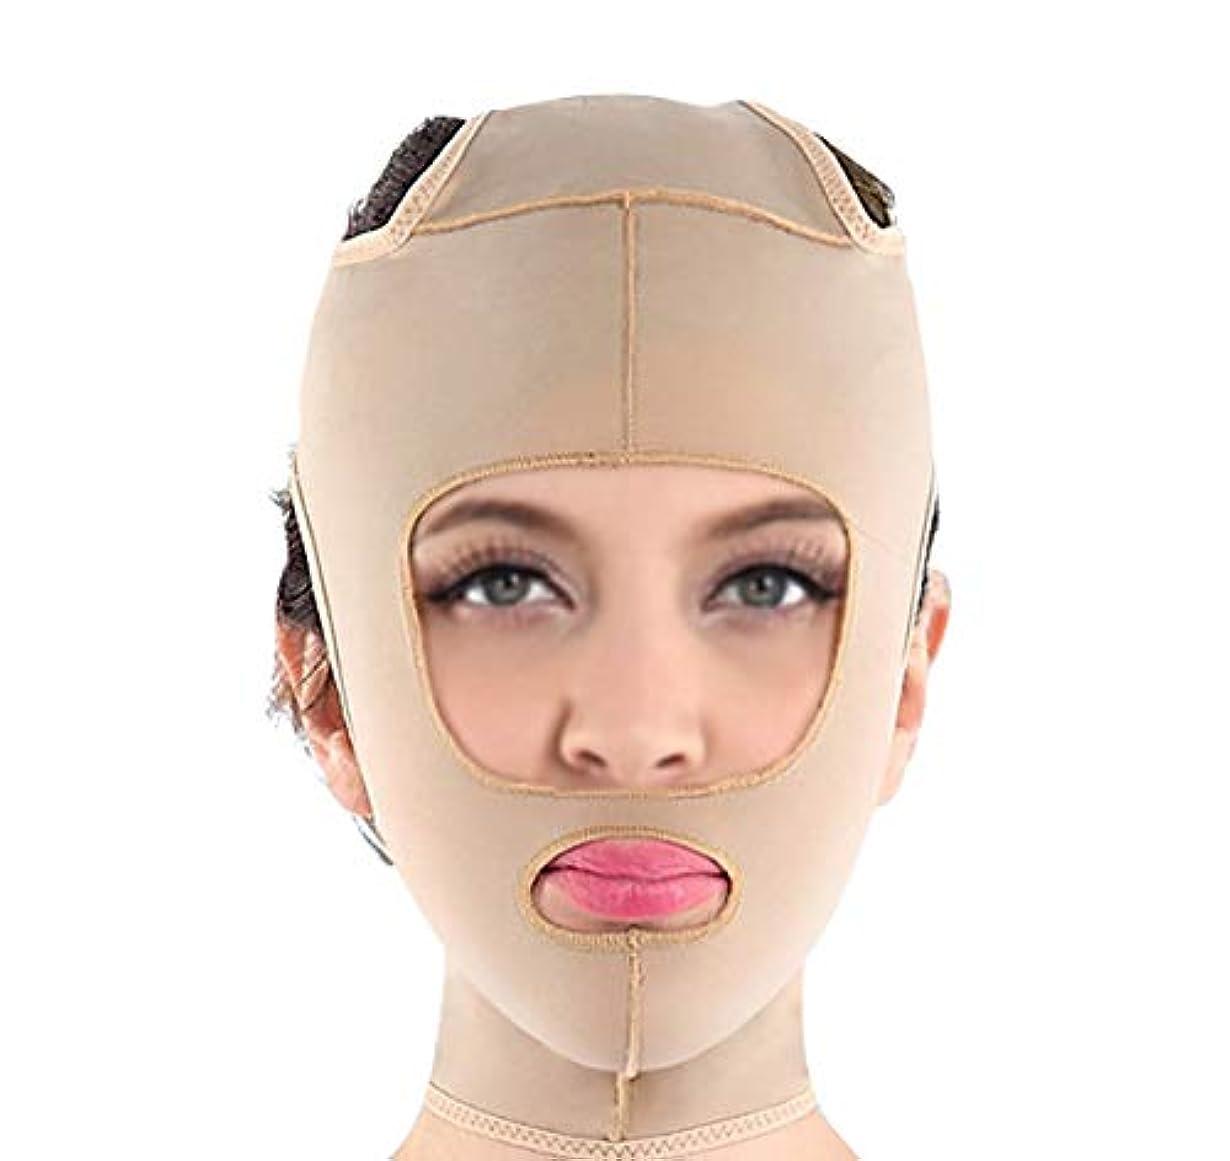 精神ロマンチックスリンク包帯vフェイス楽器フェイスマスクマジックフェイスフェイシャルファーミングフェイシャルマッサージフェイシャルリンクルリフティング引き締めプラスチックマスク (Size : L)